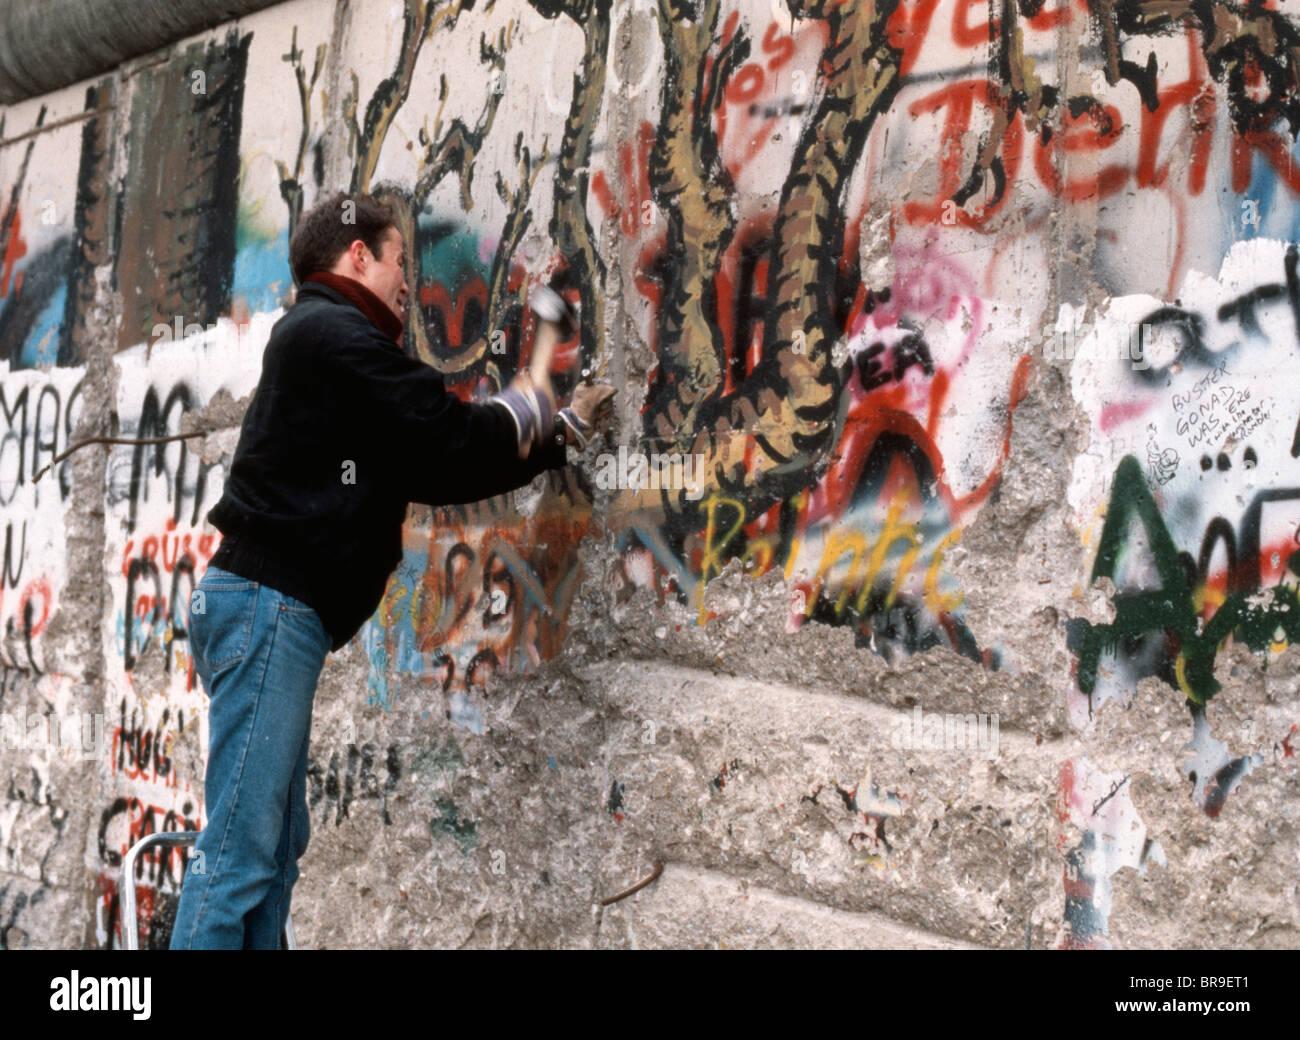 berlin wall 1989 hammer stockfotos berlin wall 1989 hammer bilder alamy. Black Bedroom Furniture Sets. Home Design Ideas